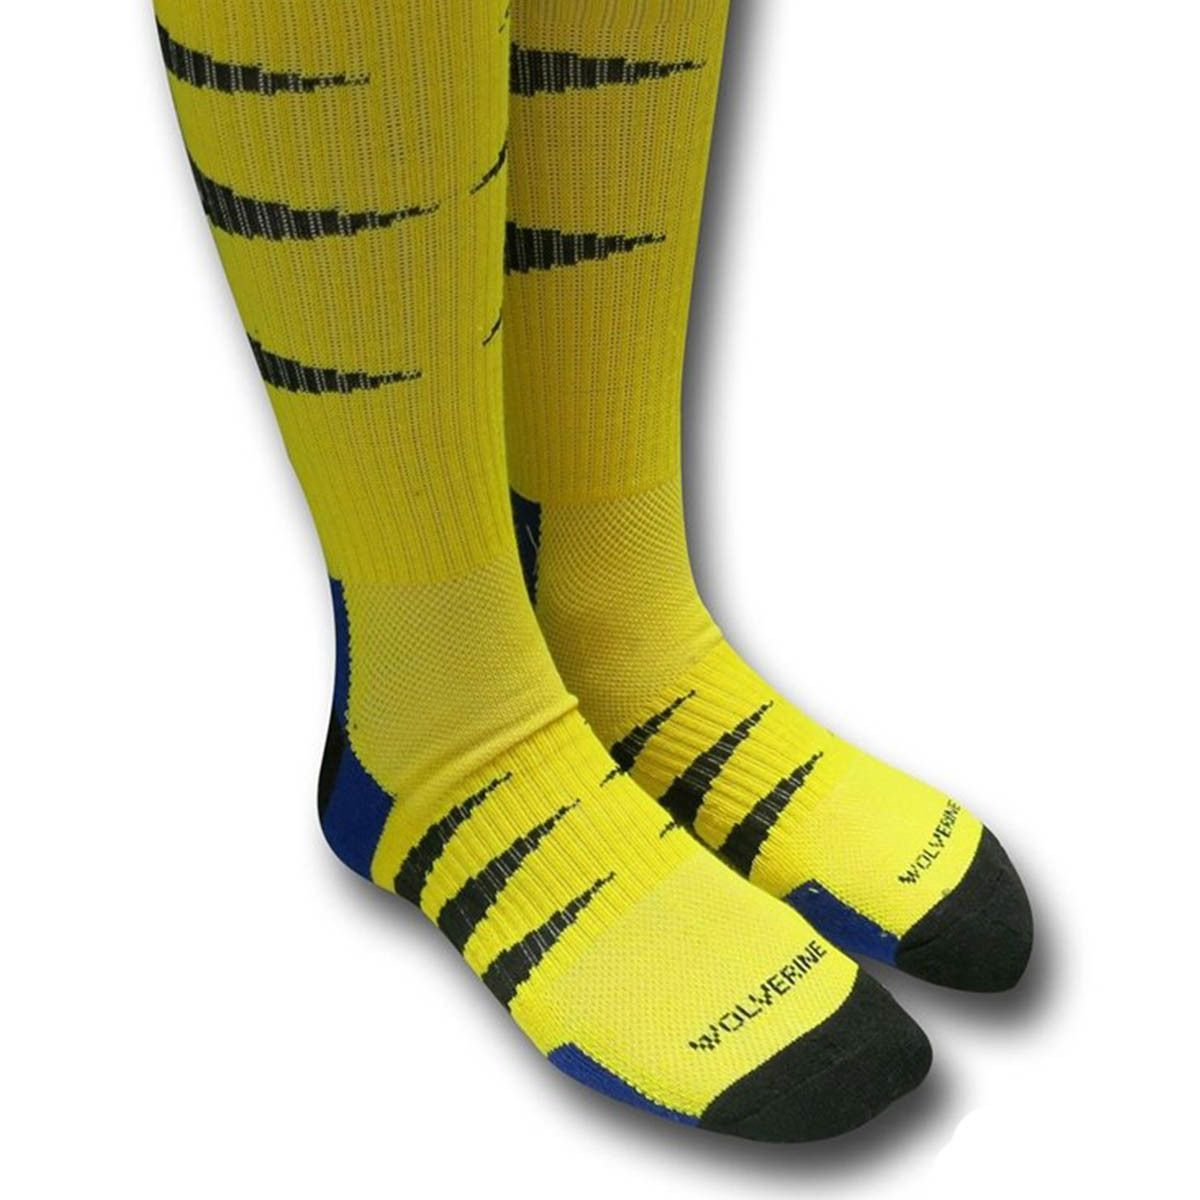 Marvel wolverine performance crew socks athletic socks